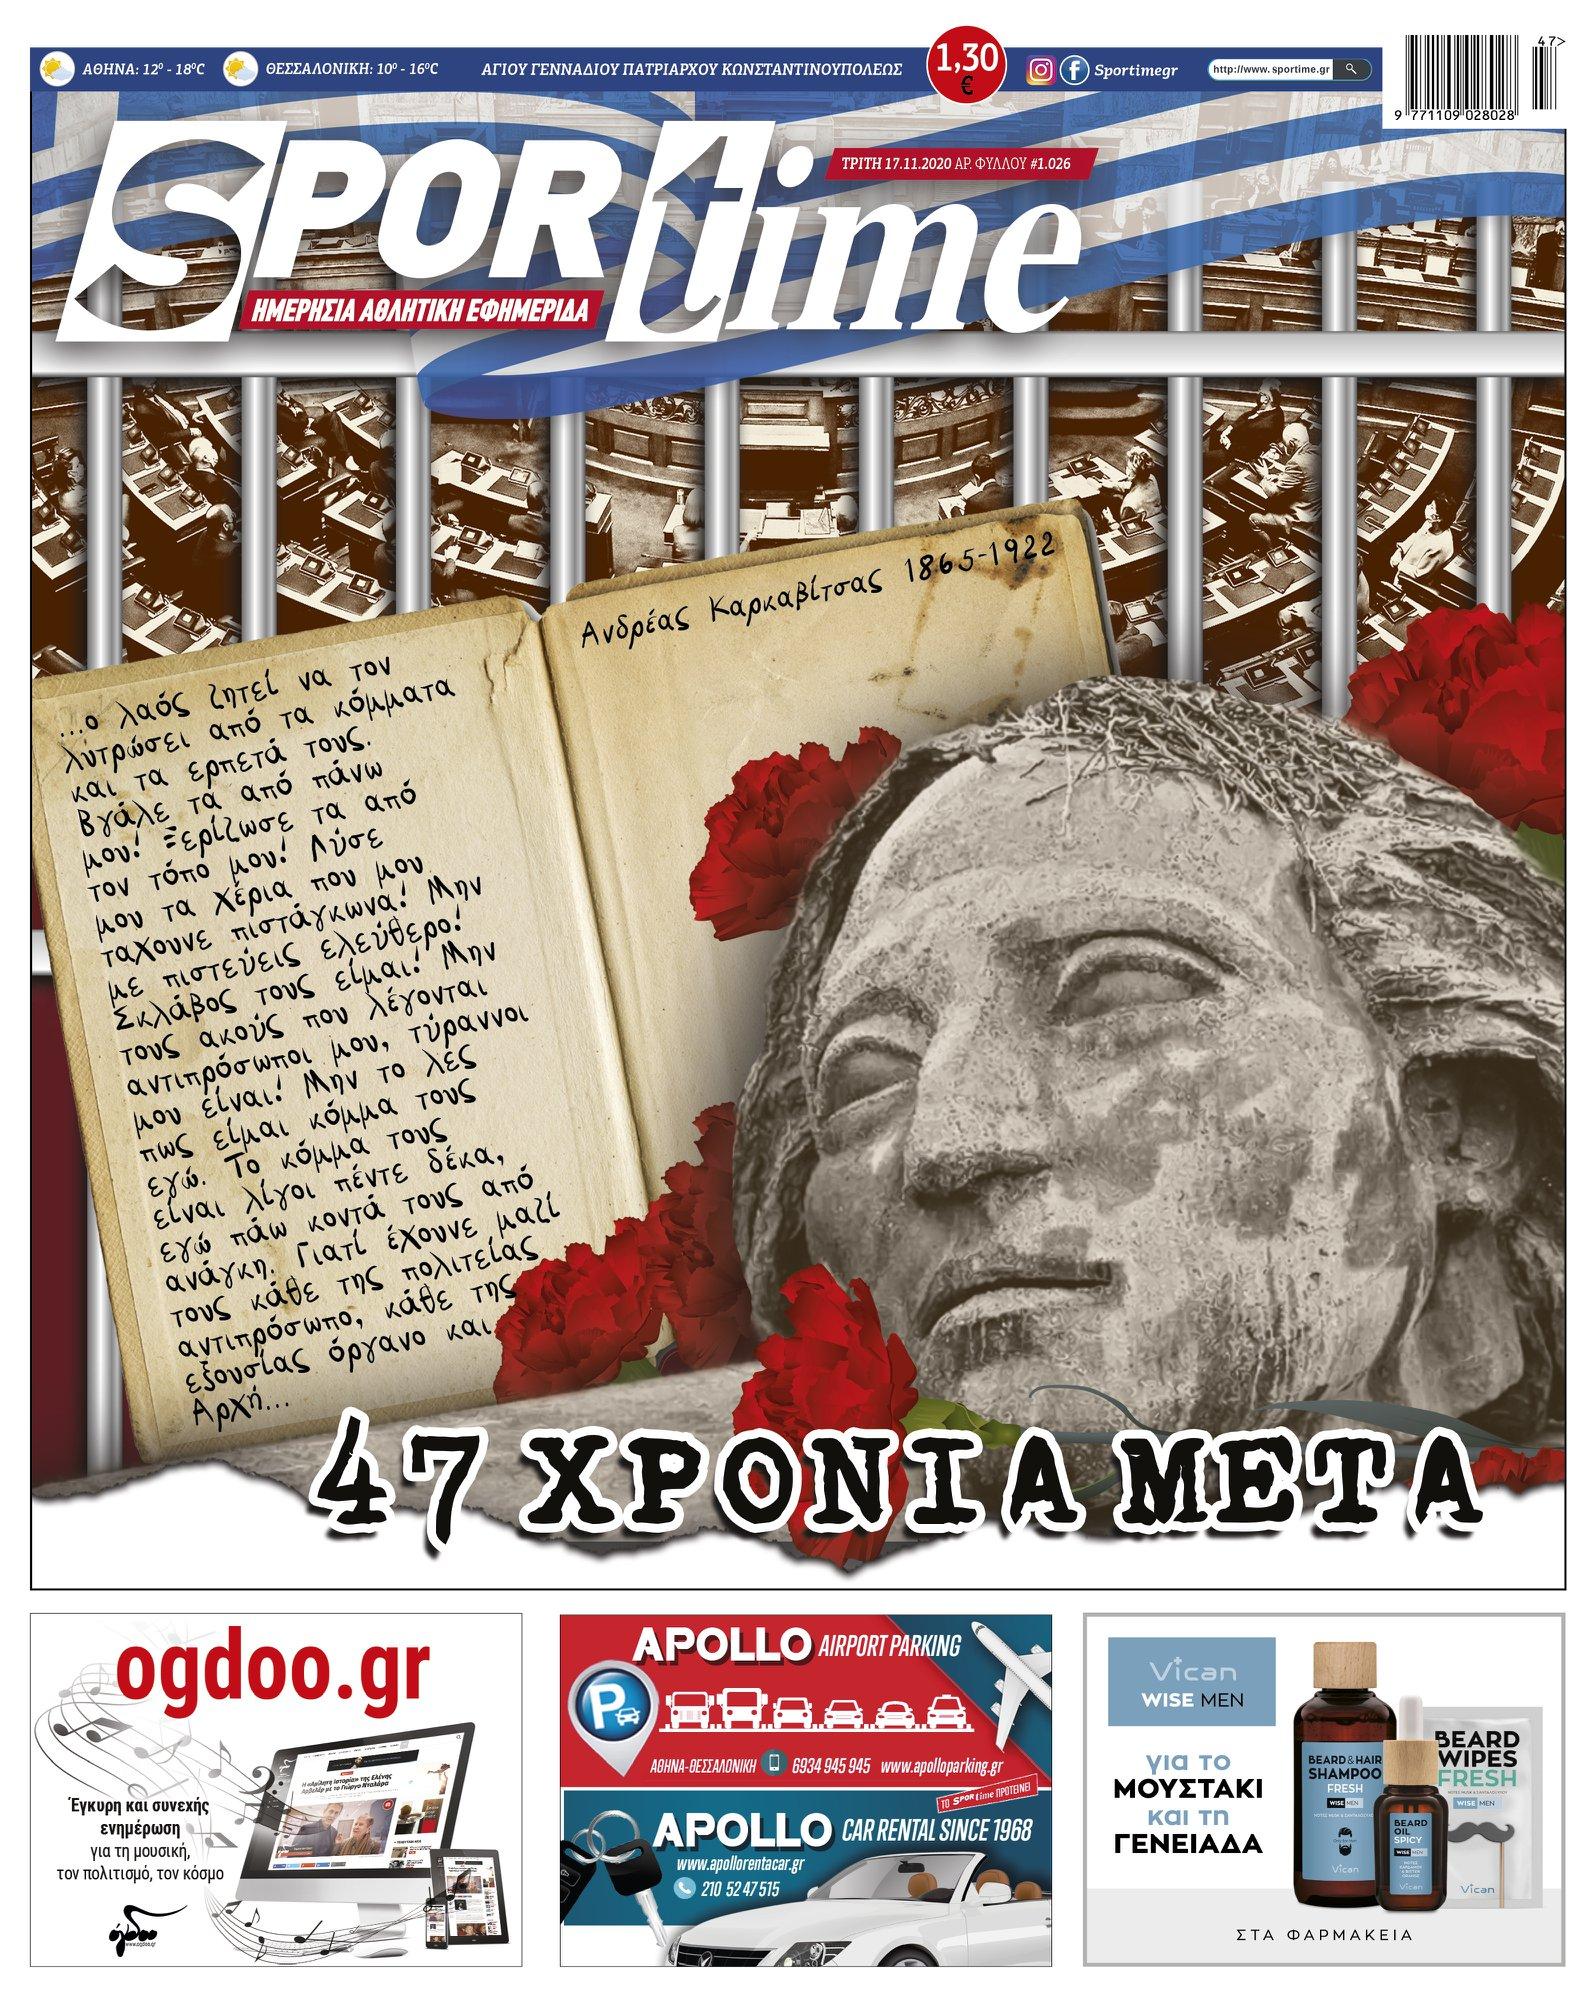 Εφημερίδα SPORTIME - Εξώφυλλο φύλλου 17/11/2020